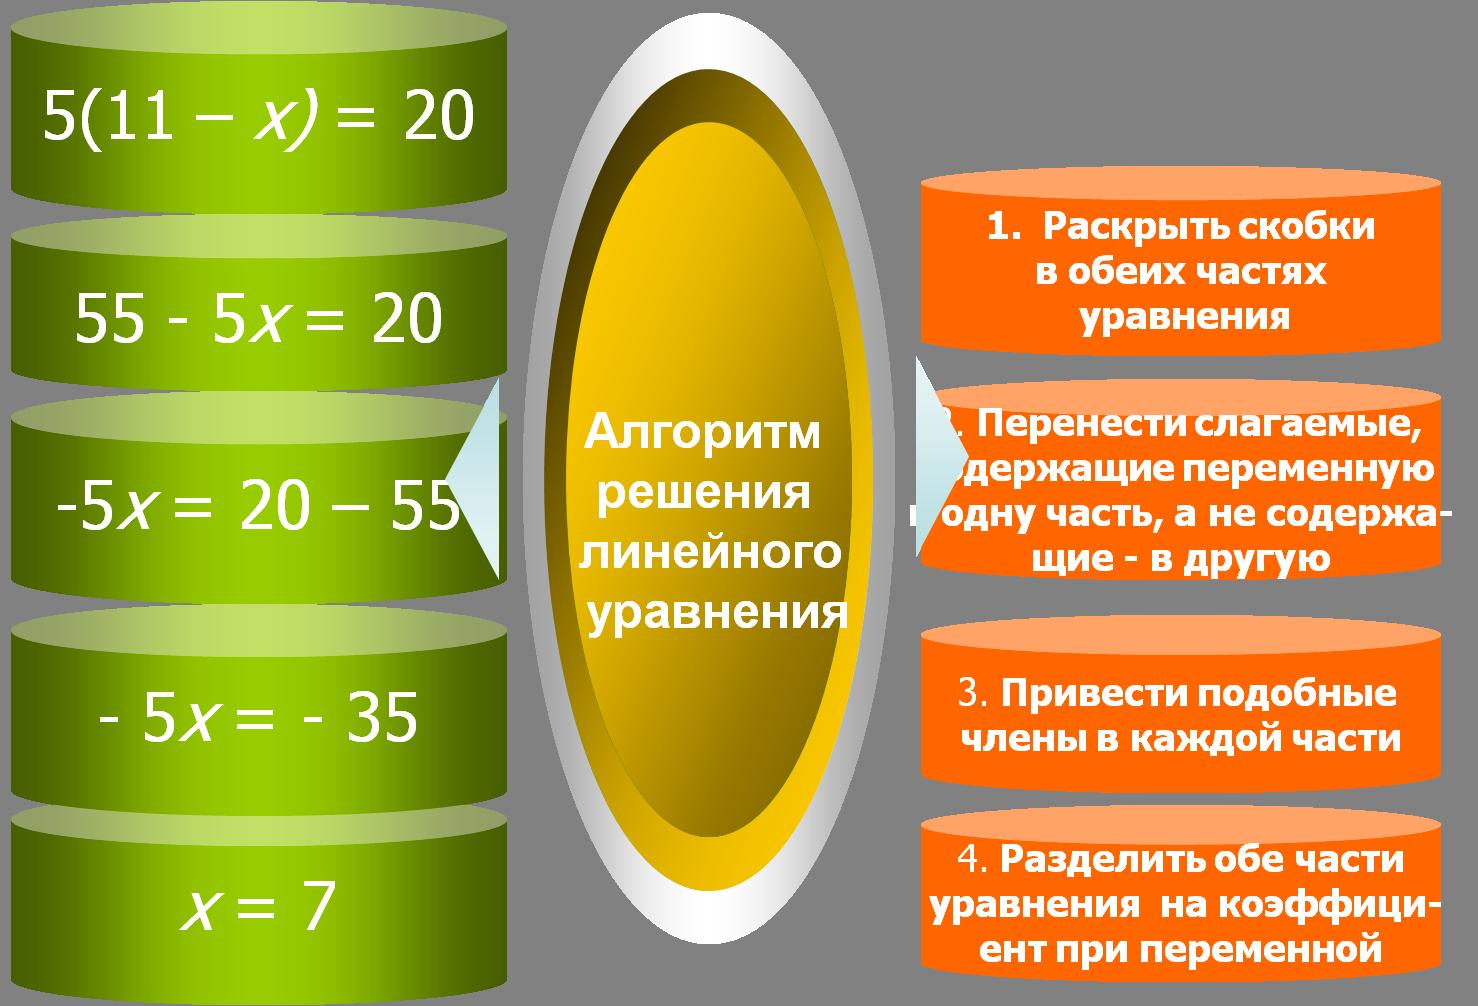 C:\Users\user\Desktop\Рисунок1.png